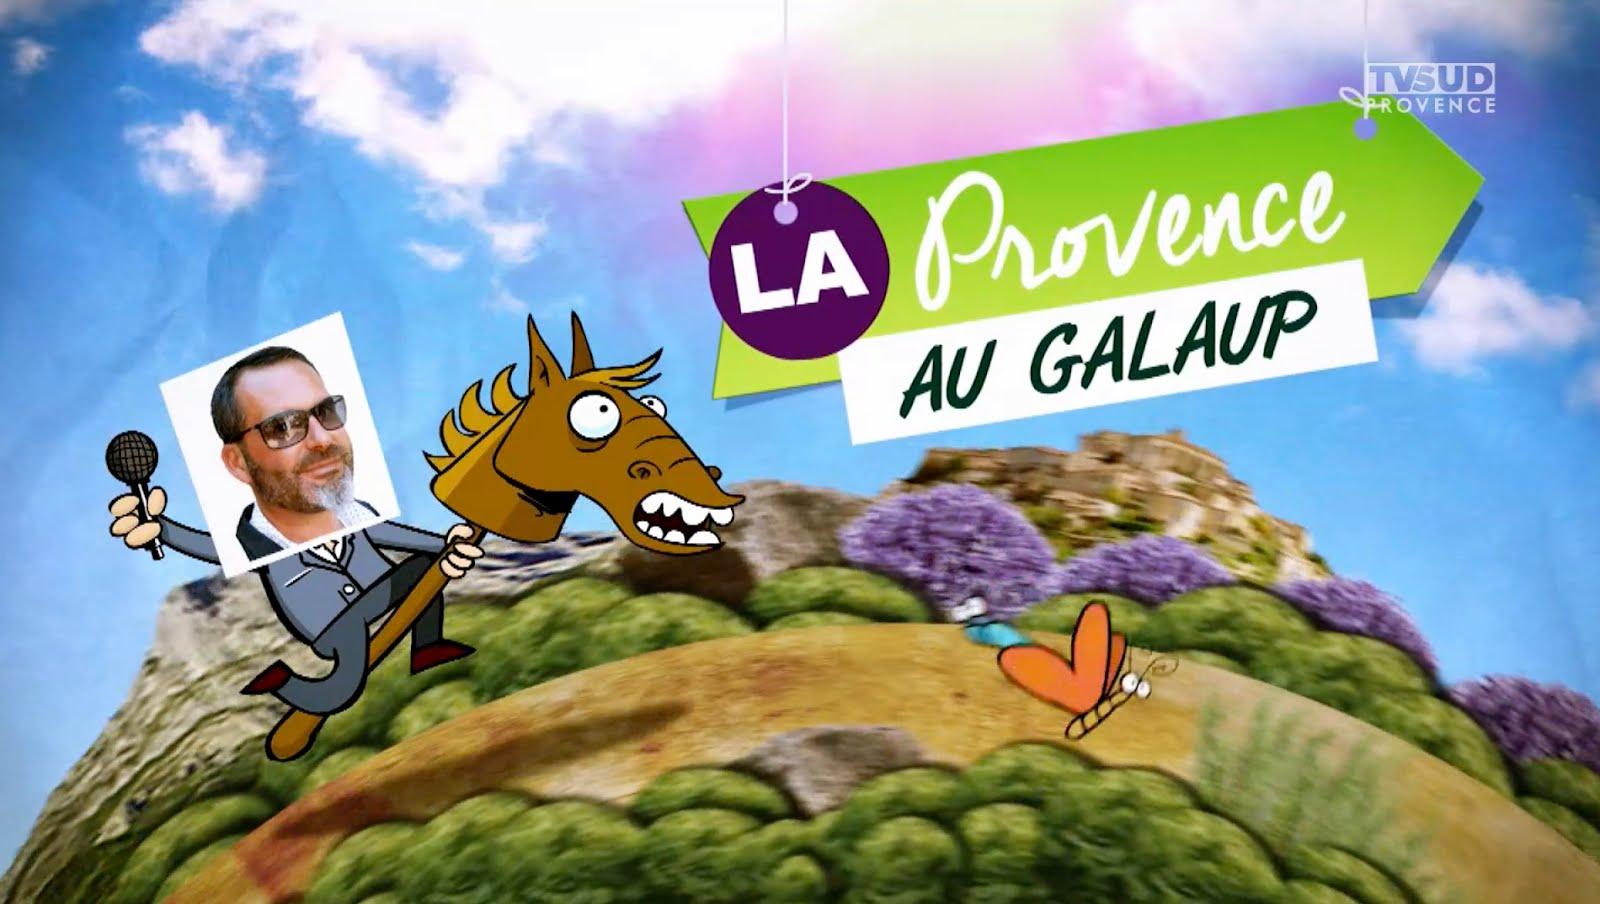 Soirée animée par Sébastien Galaup